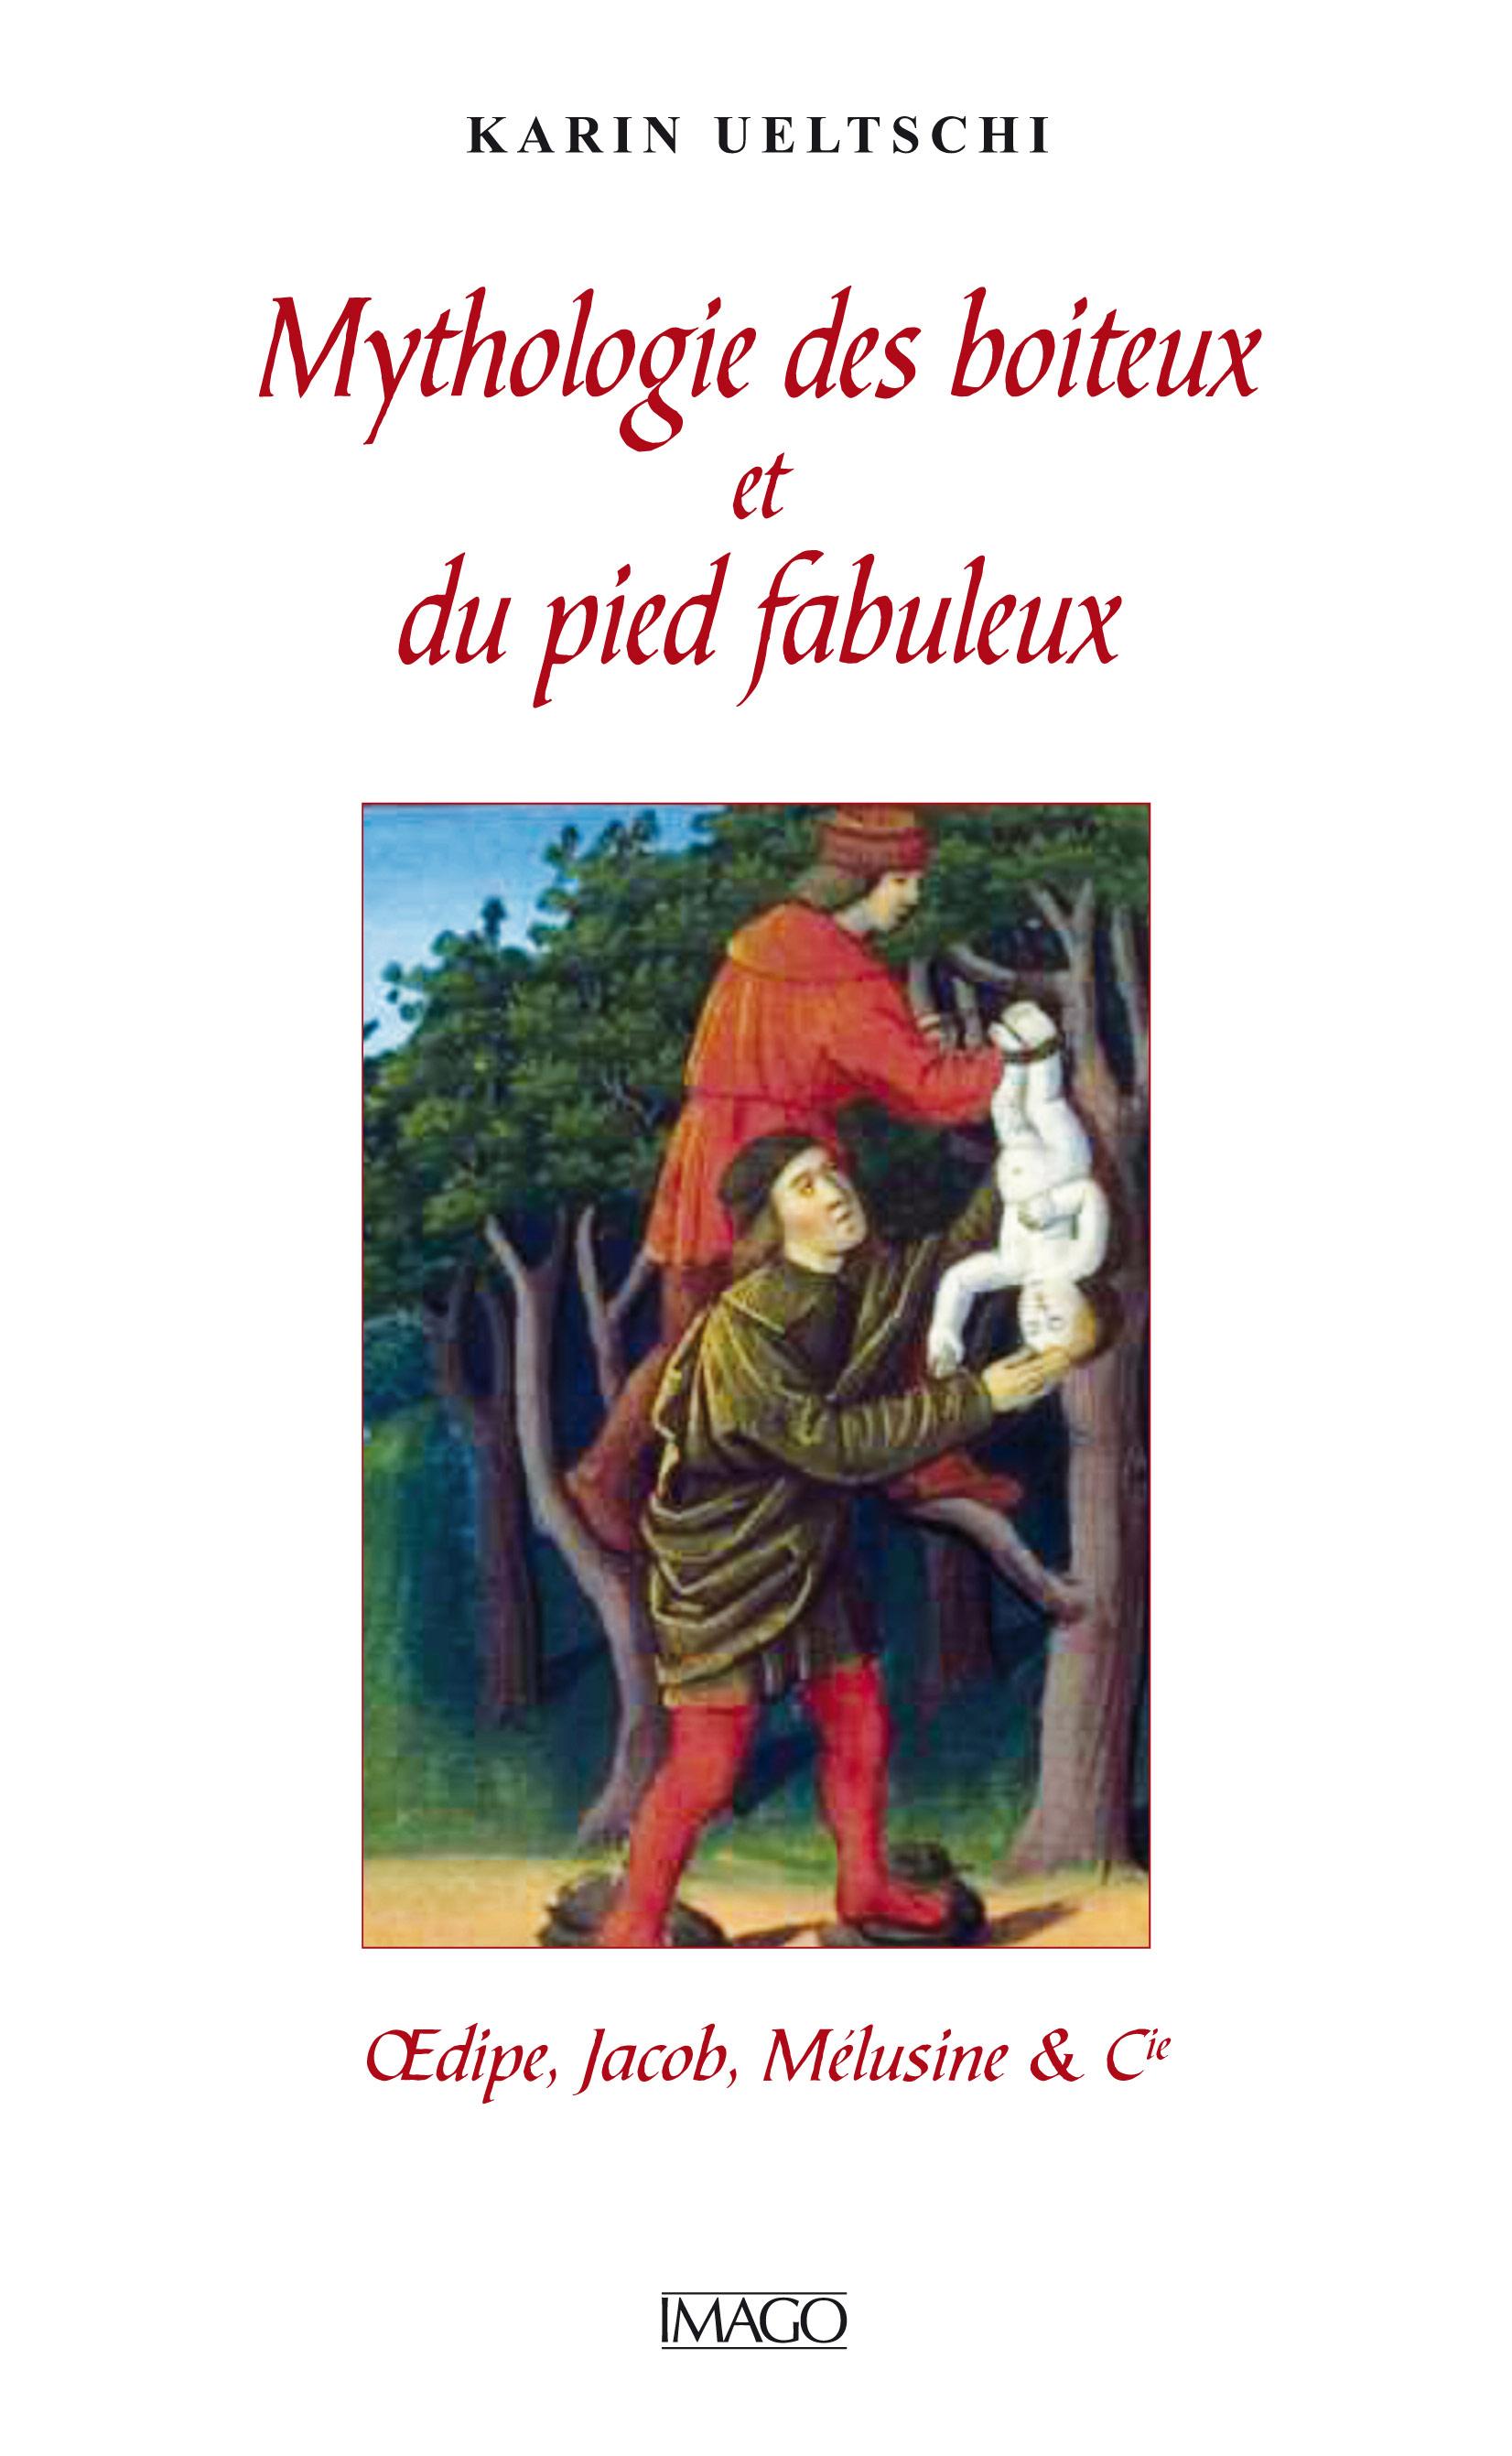 K. Ueltschi, Mythologie des Boiteux et du pied fabuleux.  Œdipe, Jacob, Mélusine & Cie